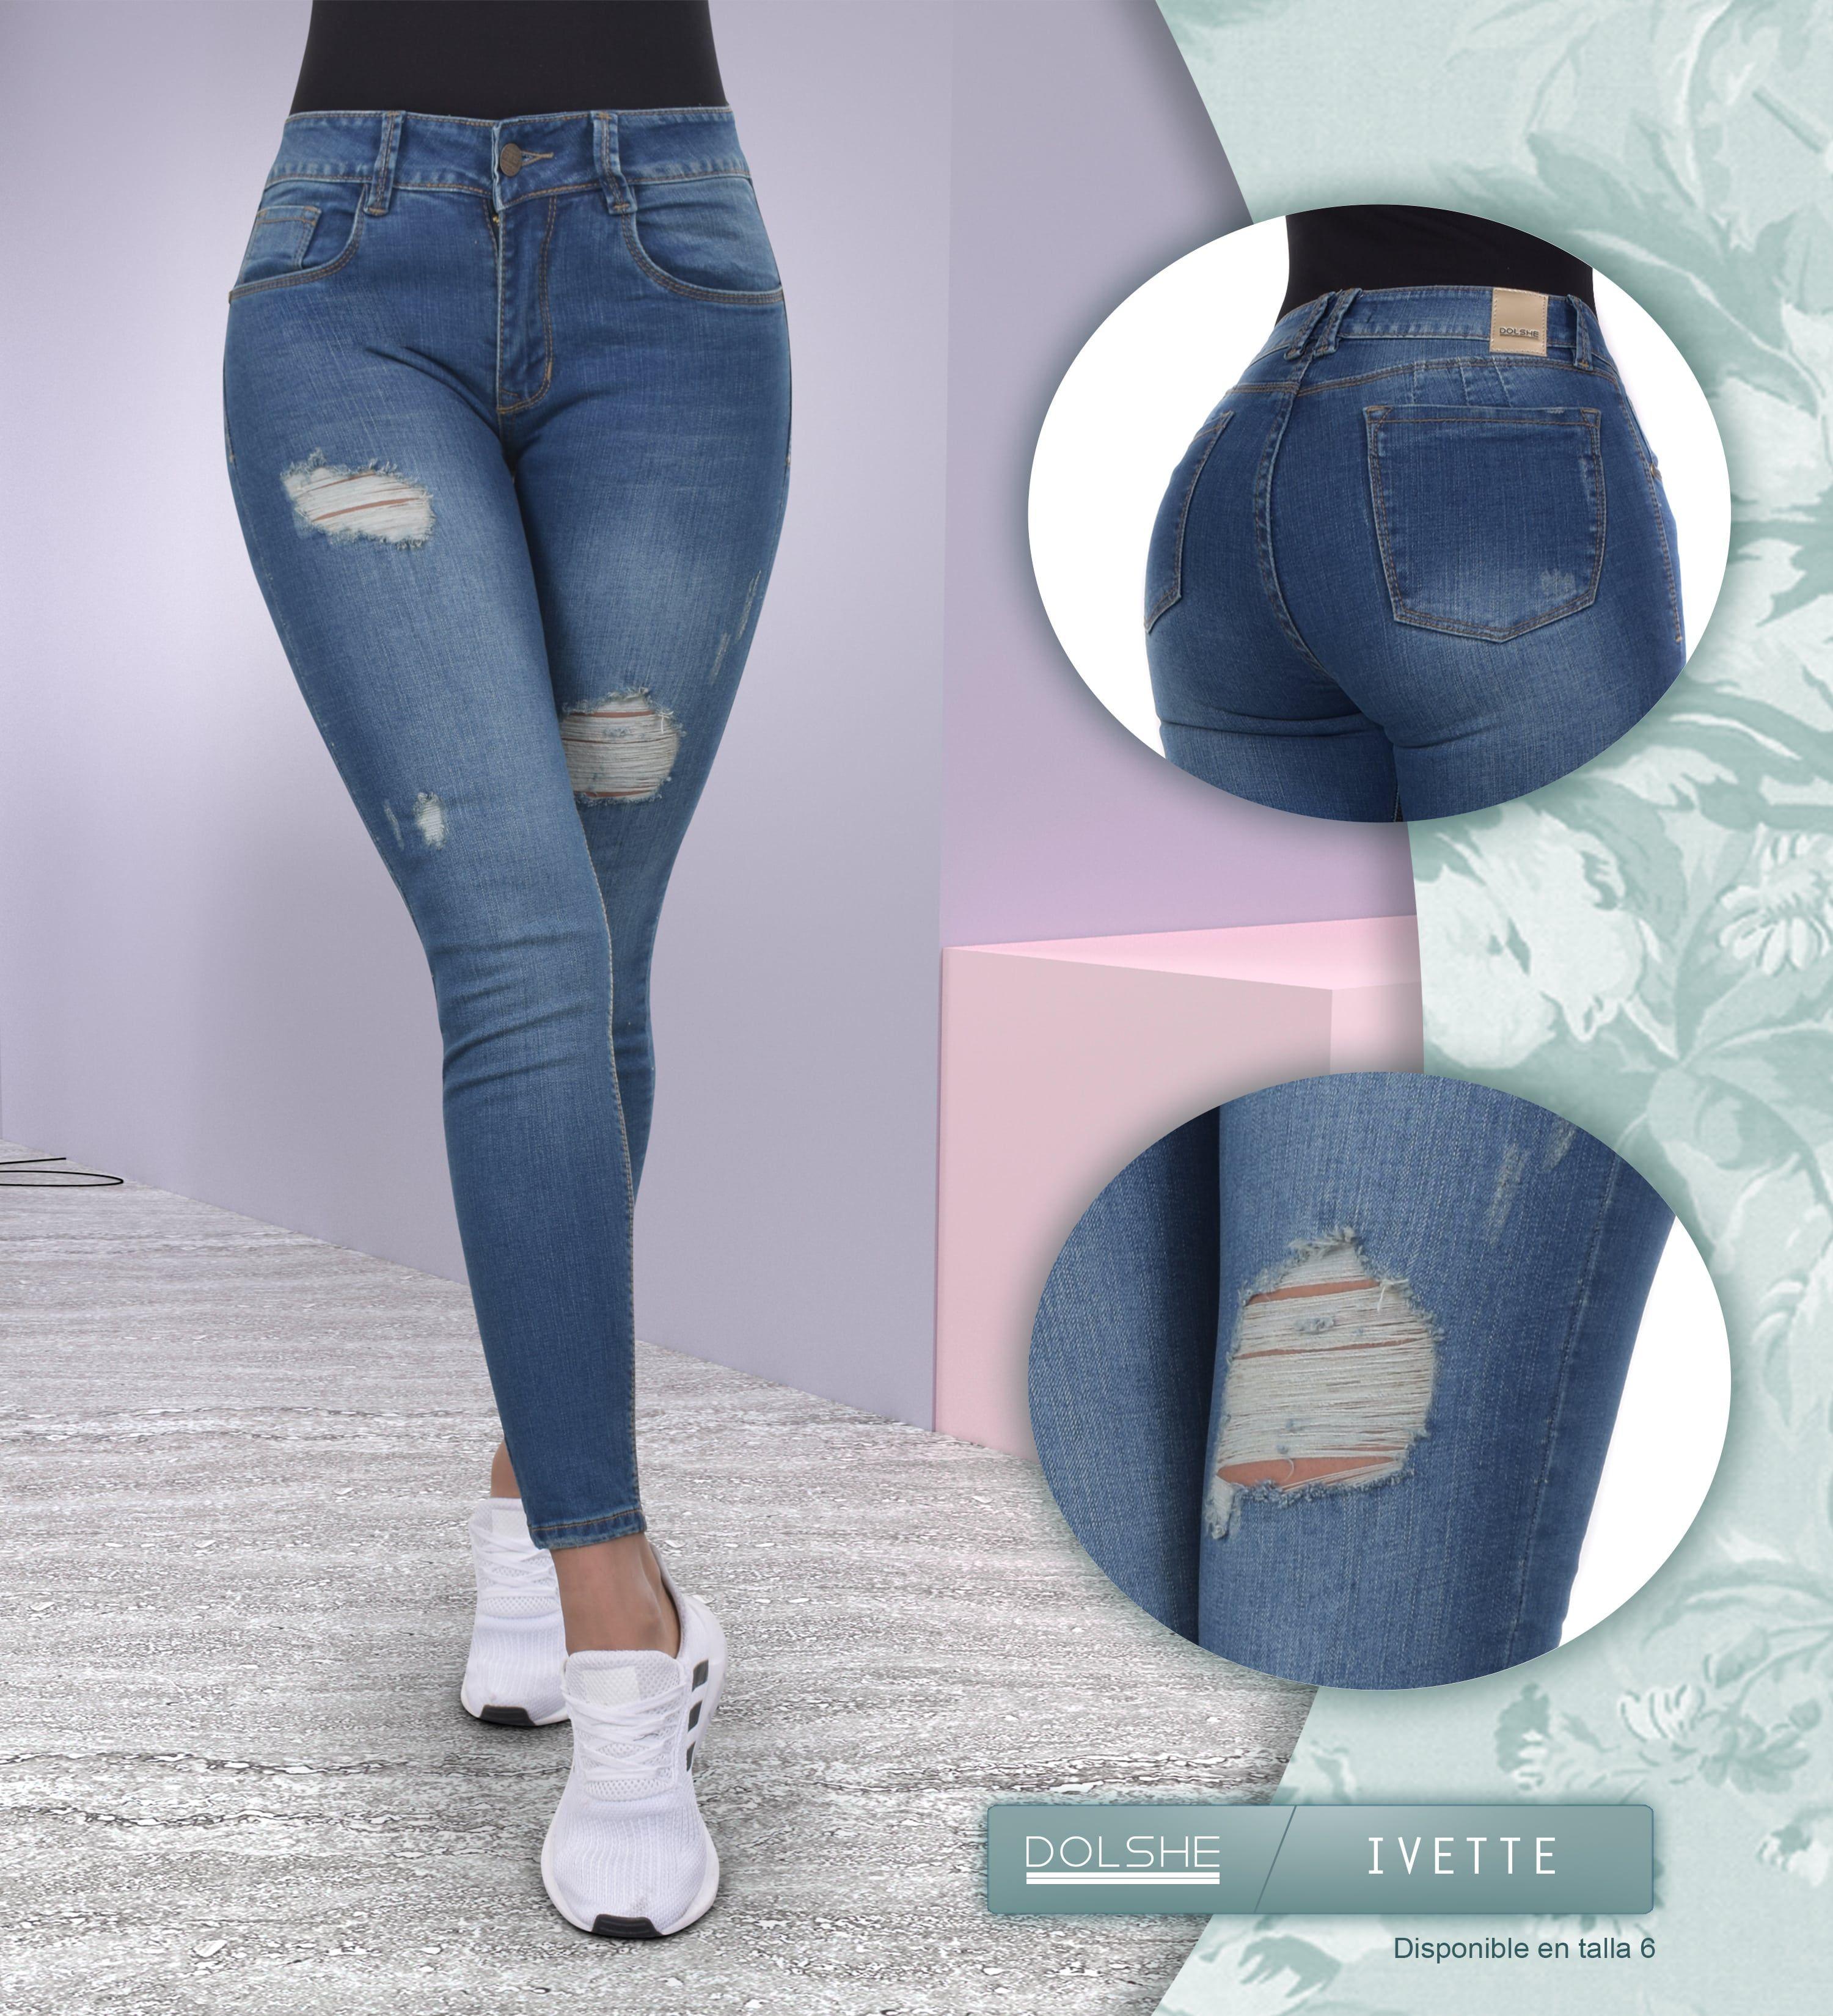 Secuencias De Destroyed Perfectas Para Lucir Un Look Urban Chic Una Apariencia Relajada Y Pantalones De Mezclilla Mujer Ropa De Moda De Ninas Pantalones Mujer